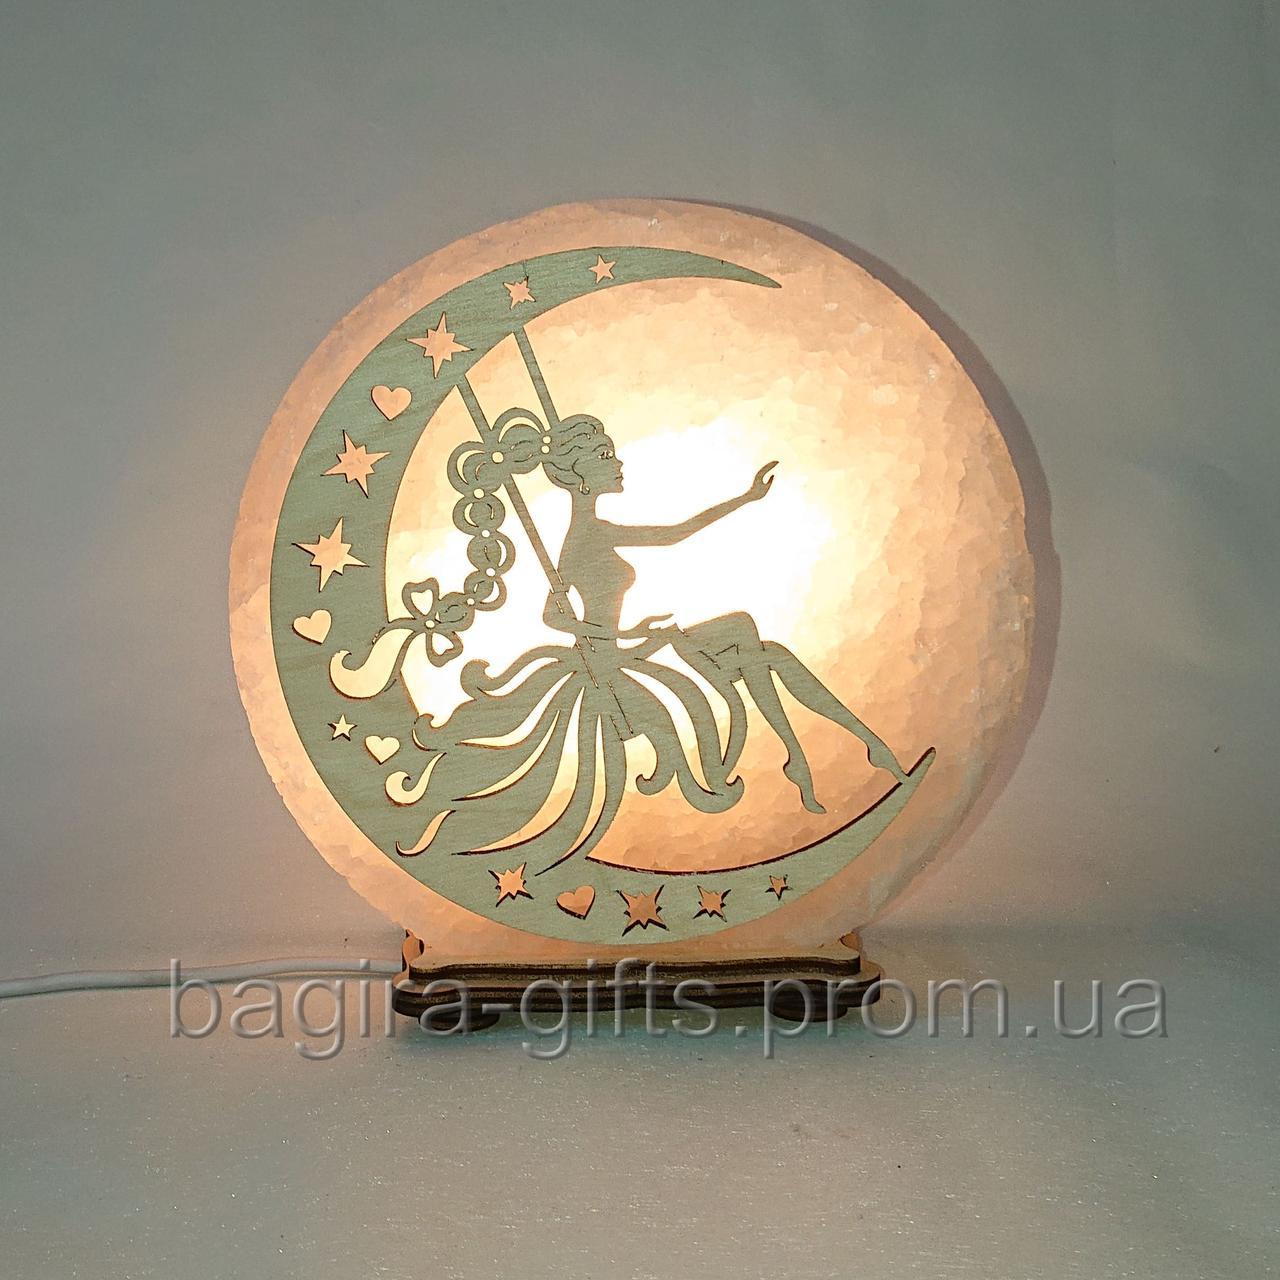 Соляная лампа круглая Фея на качеле